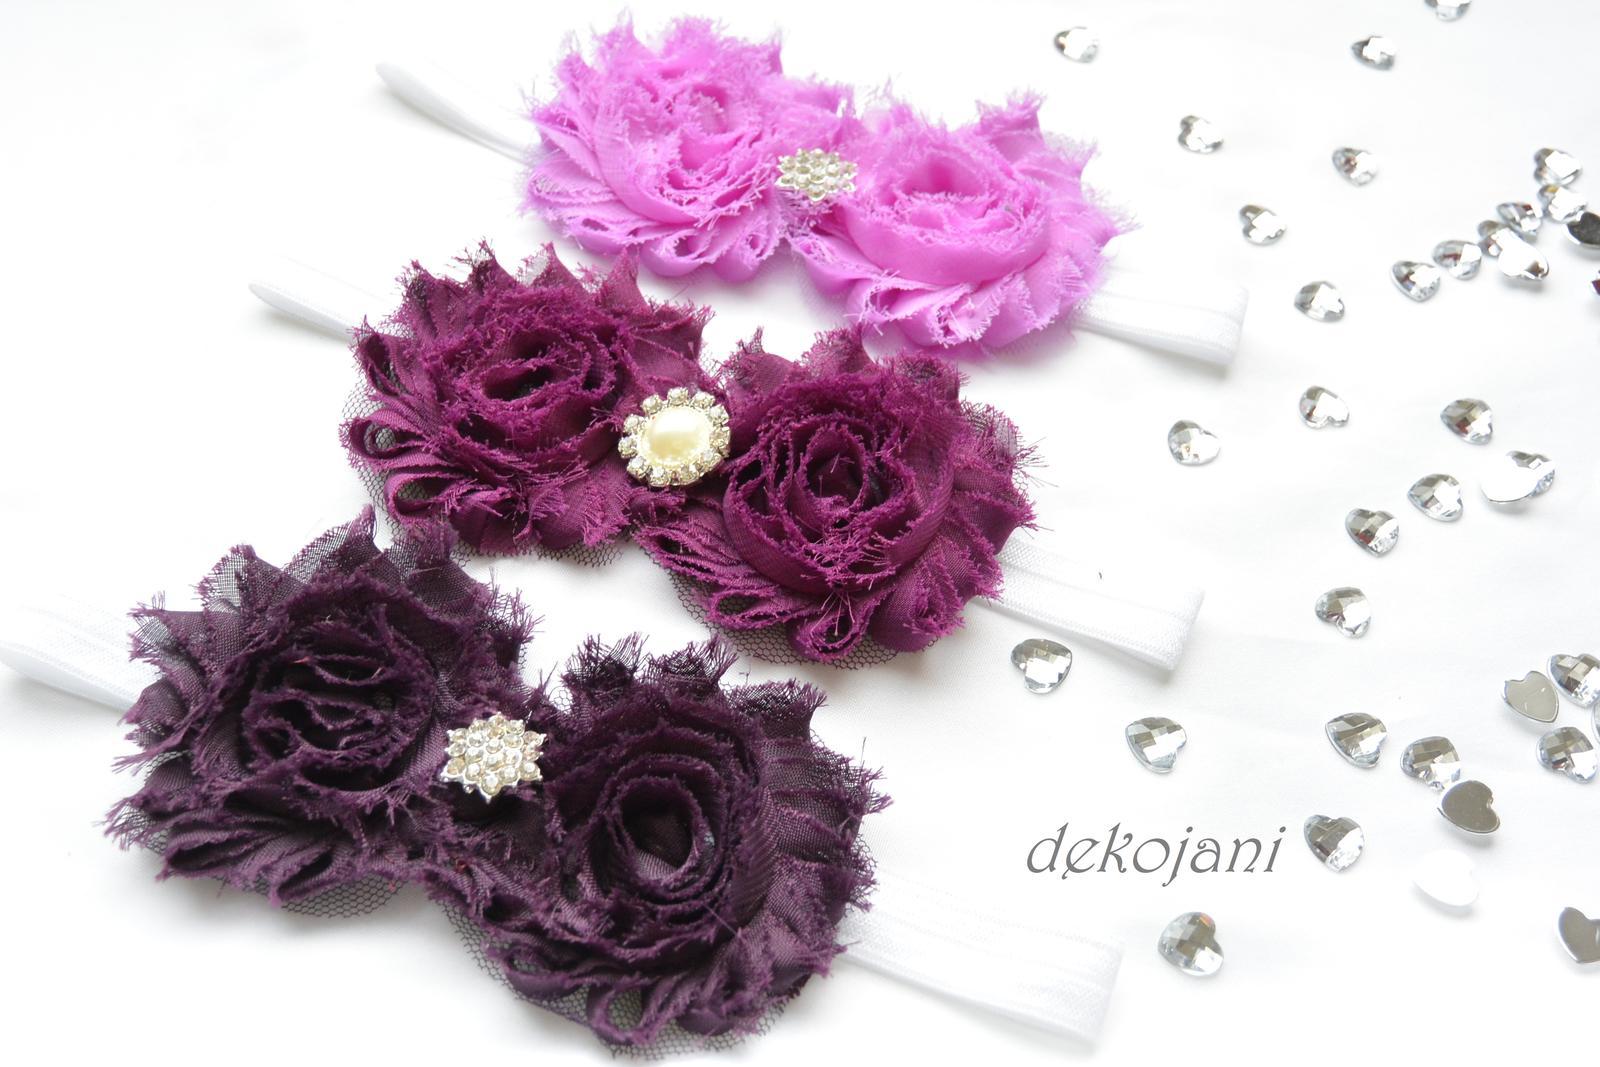 Čelenky, květiny do vlasů, náramky, obojek pro pejska... - Obrázek č. 10